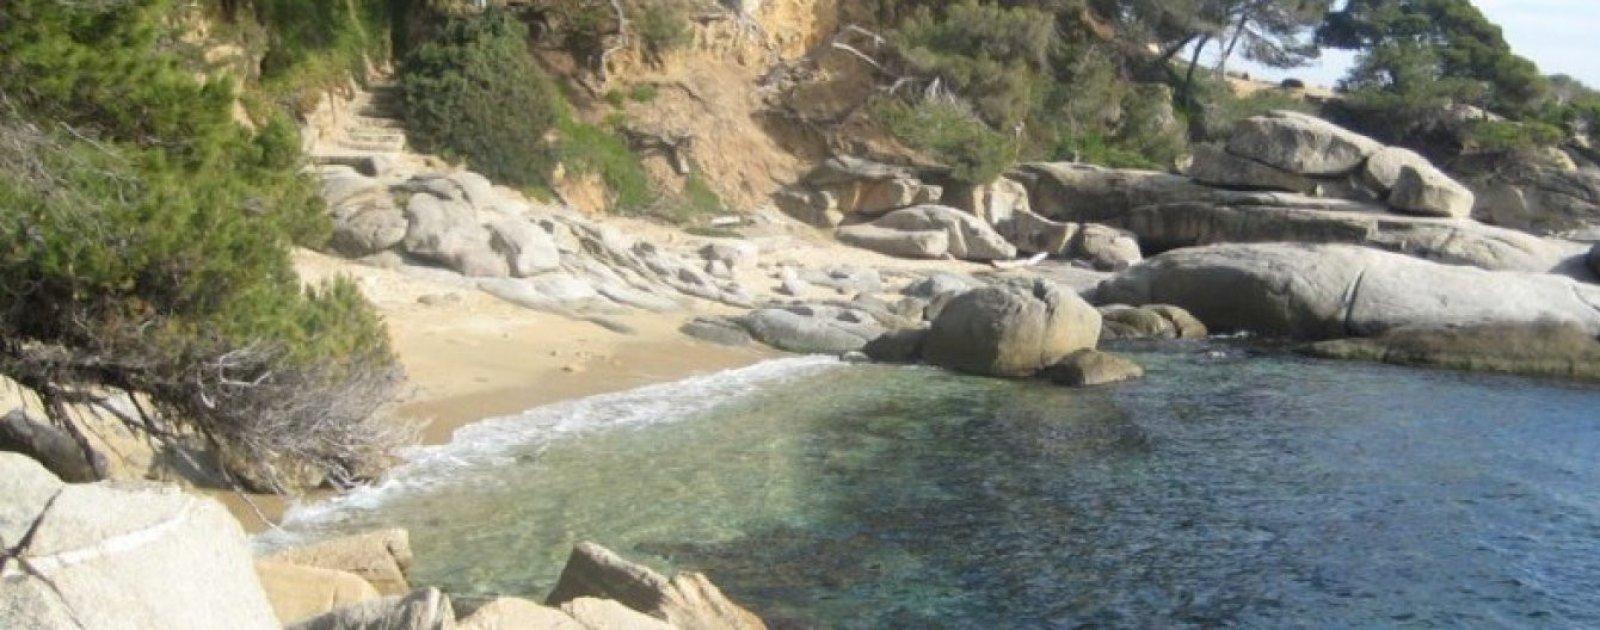 La salvaje Cala de roques planes, en la Costa Brava de Gerona.